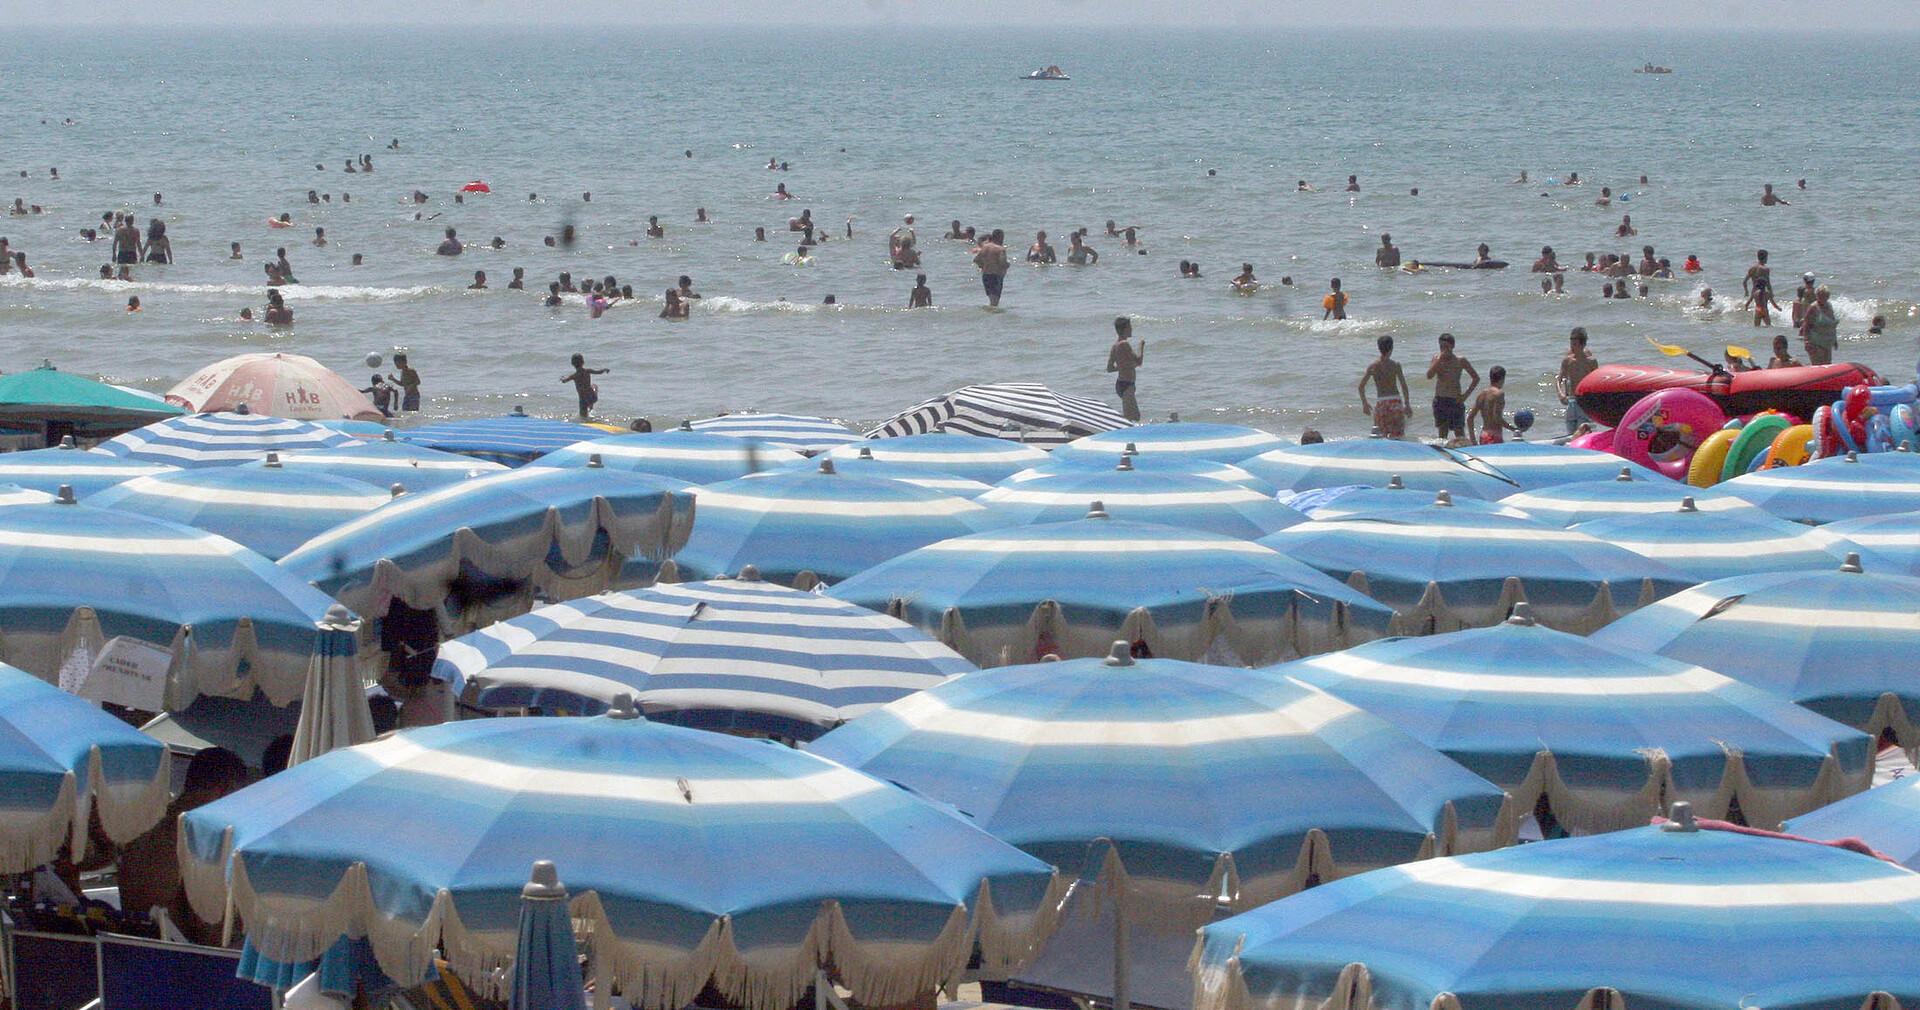 دول جنوب شرق أوروبا تتأهب لموجة طقس شديد الحرارة